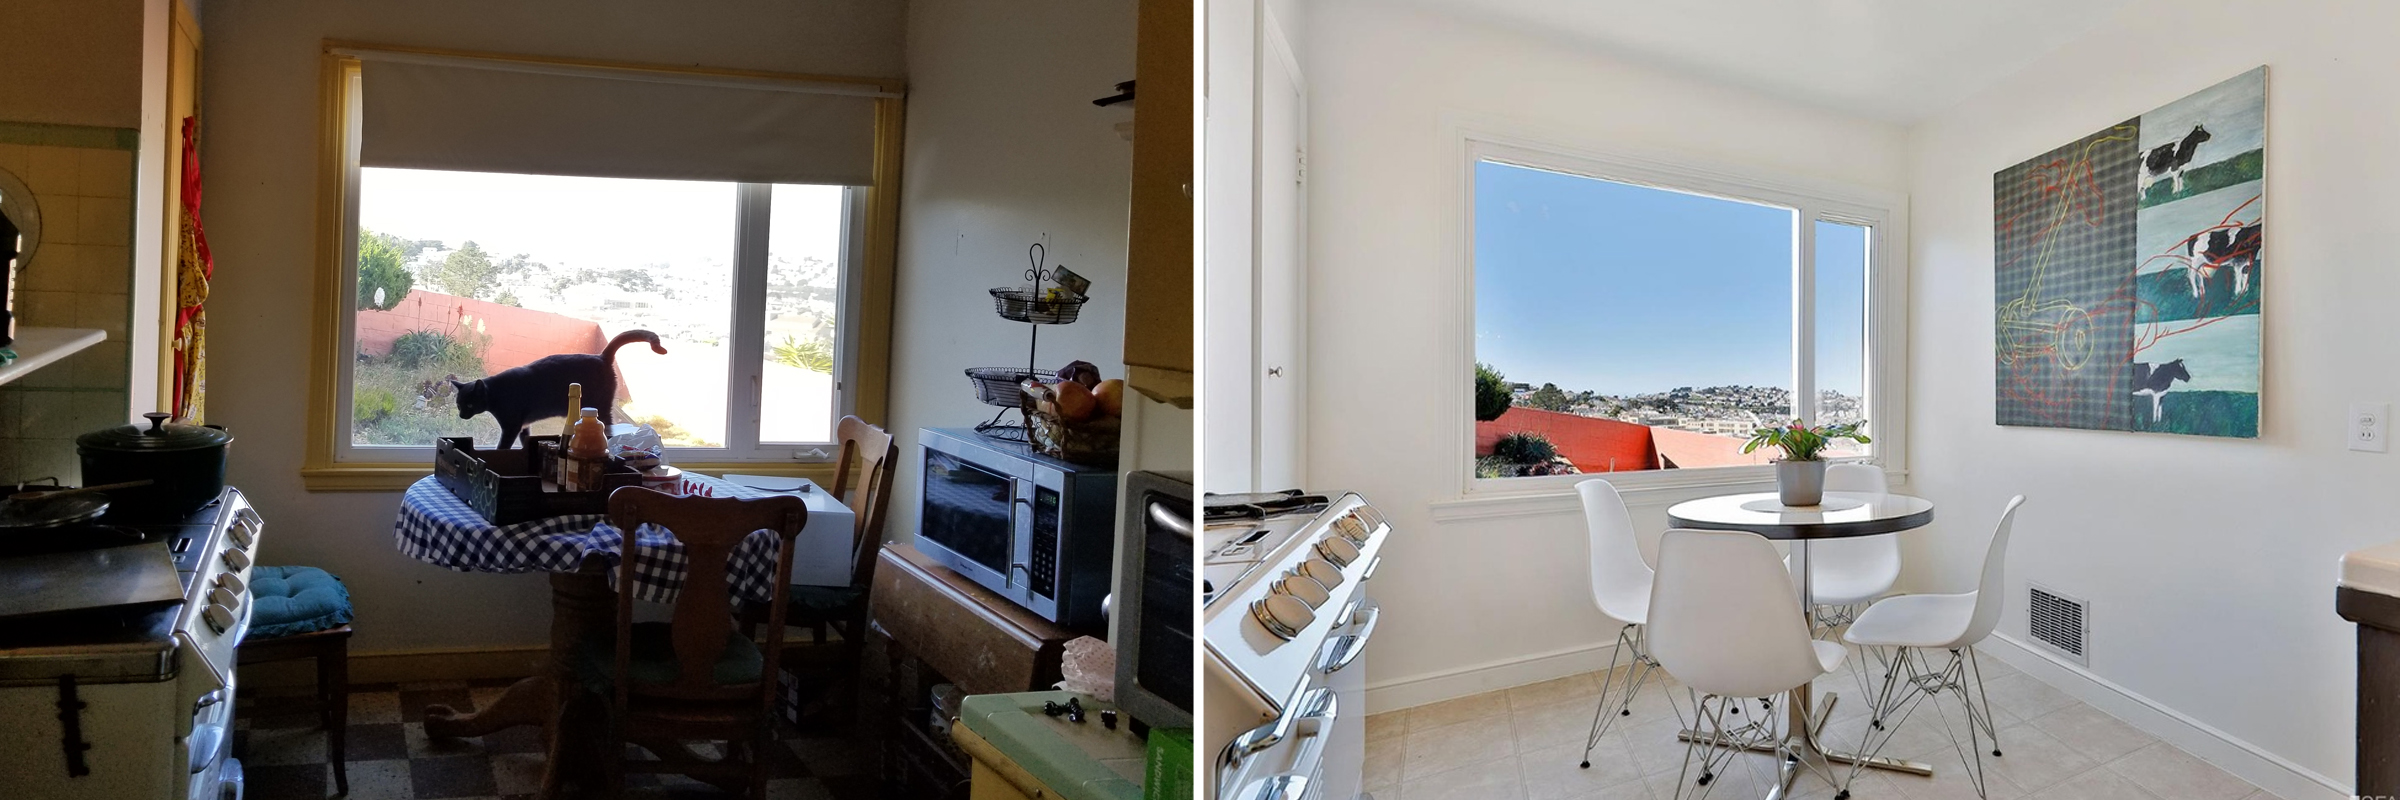 91 robinson kitchen 2 with line.jpg